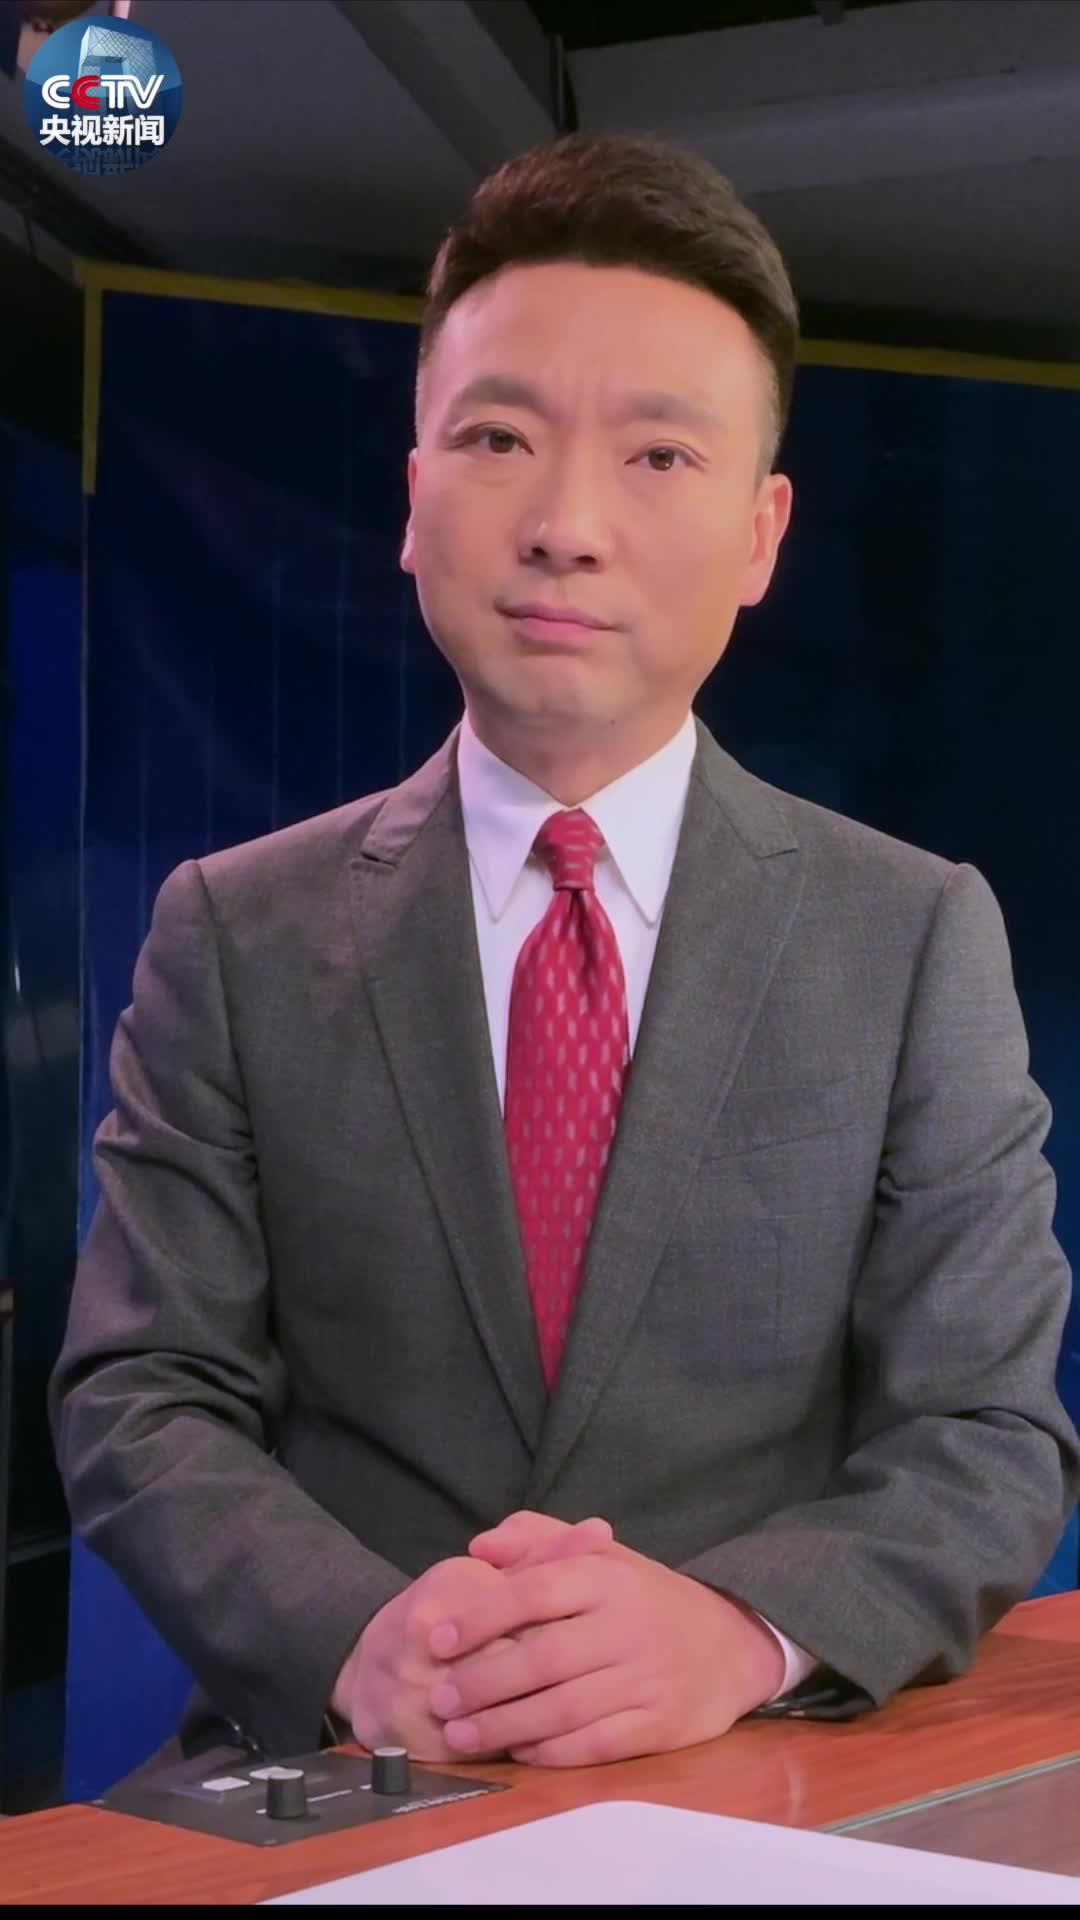 #主播说联播#康辉:看到杜富国向习主席敬军礼,我眼睛湿润了!#致敬中国军人#